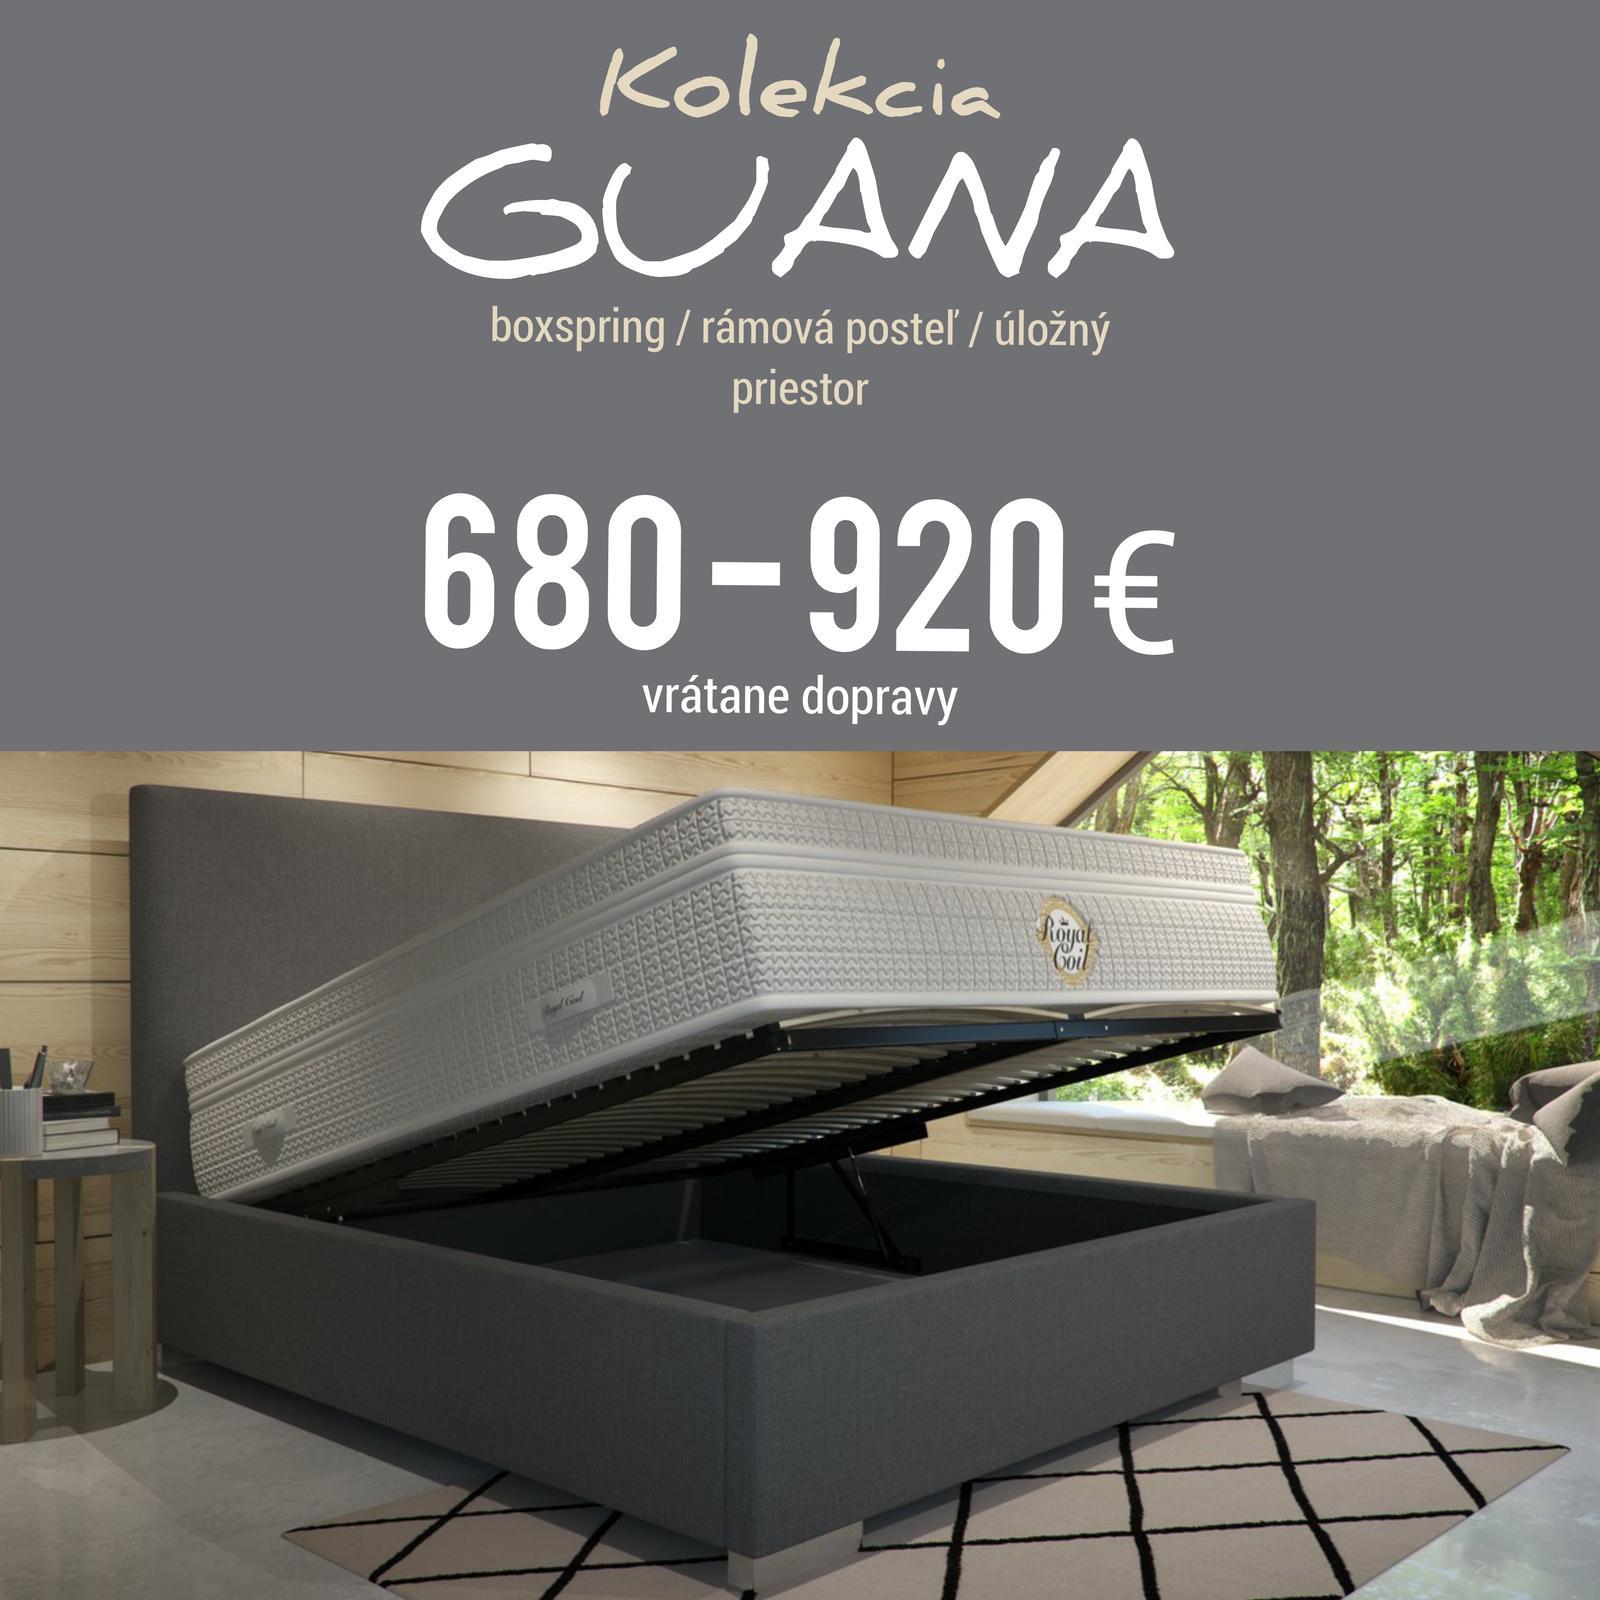 Kolekcia Guana - Obrázok č. 1